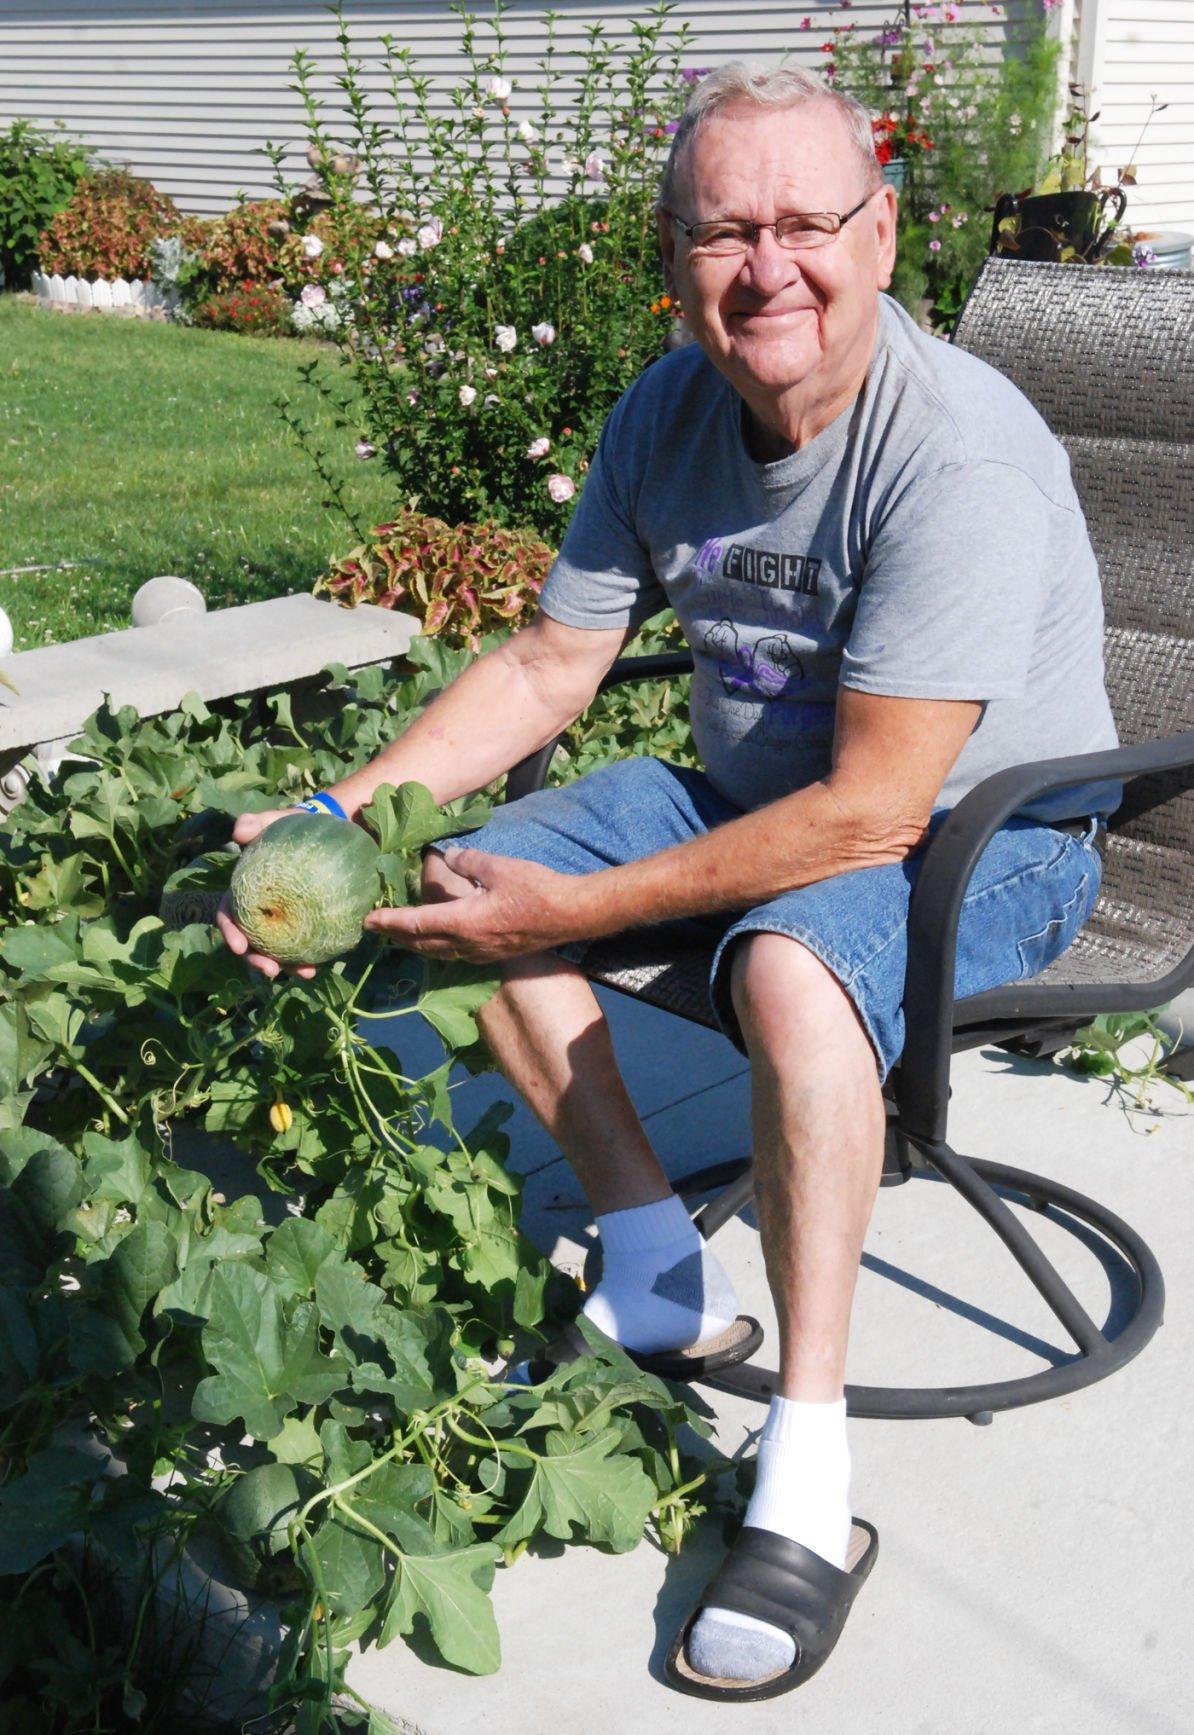 Vern's vine gardener with melon